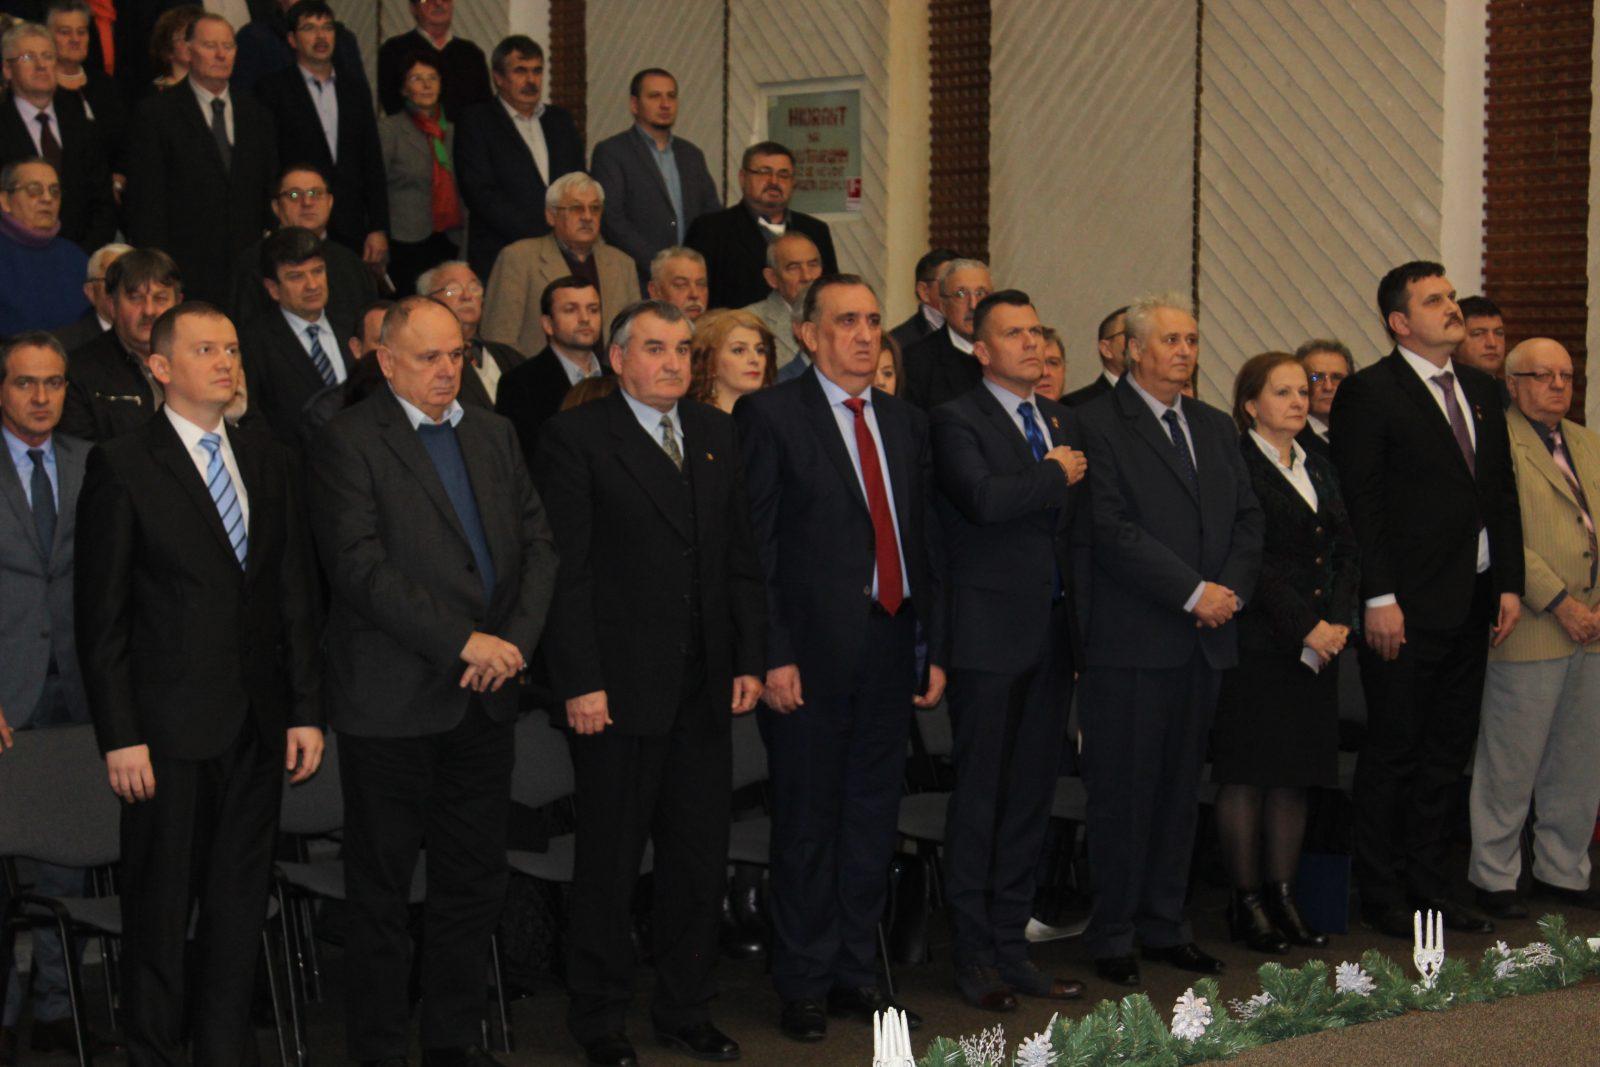 Consiliul Județean Satu Mare a aniversat 25 de ani de la înființare. Toți foștii consilieri au fost premiați